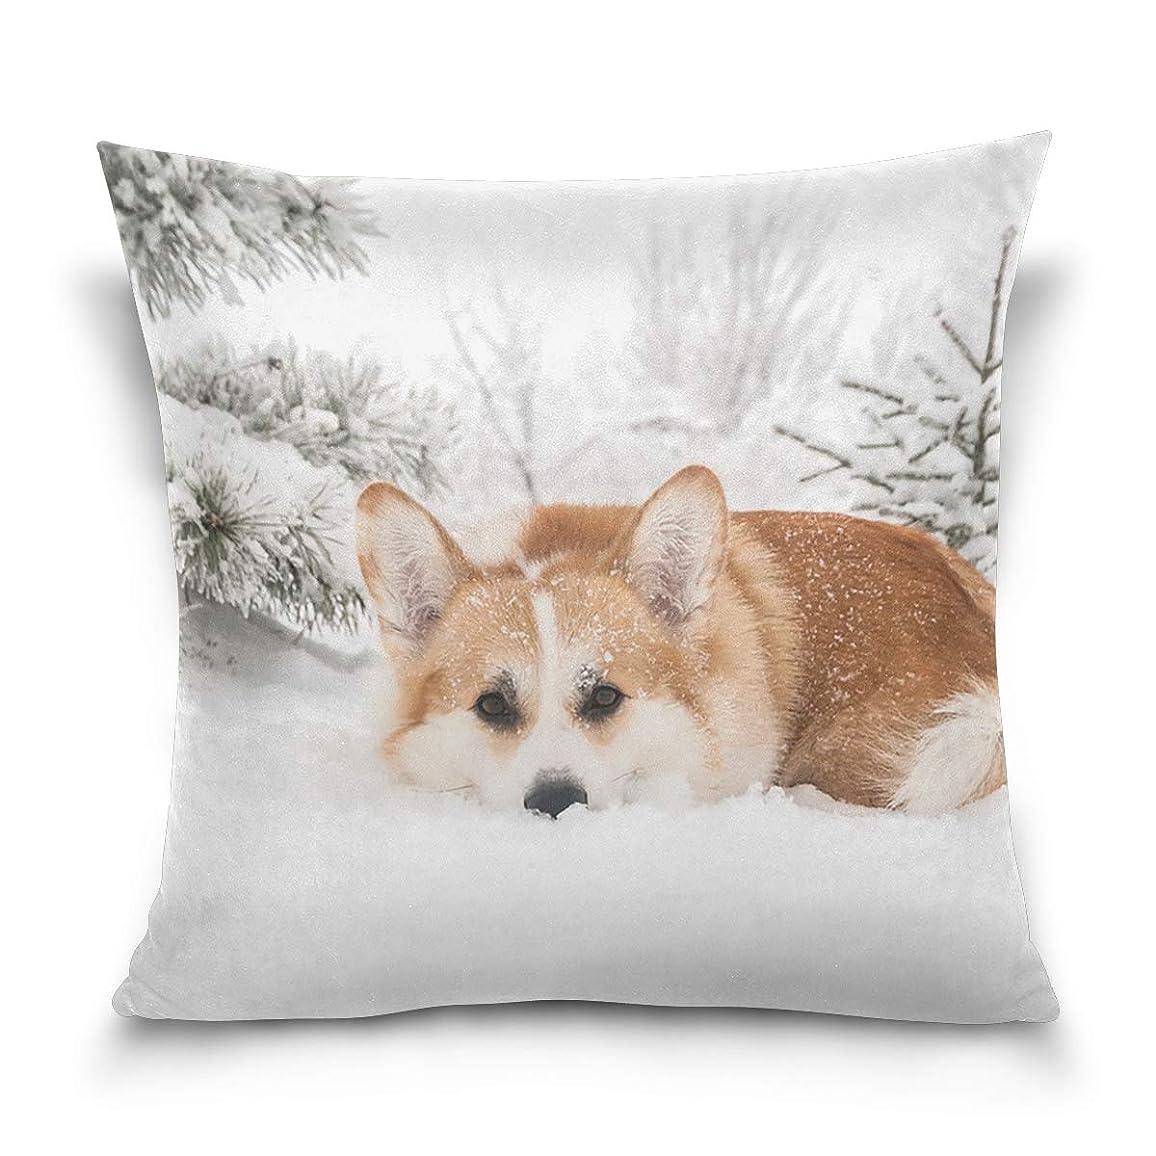 機械的にのためにターゲット背当てクッションカバー 犬柄 コーギー 雪 45×45cm ゴールド 正方形 角型 プレゼント 背当て 上品 綿